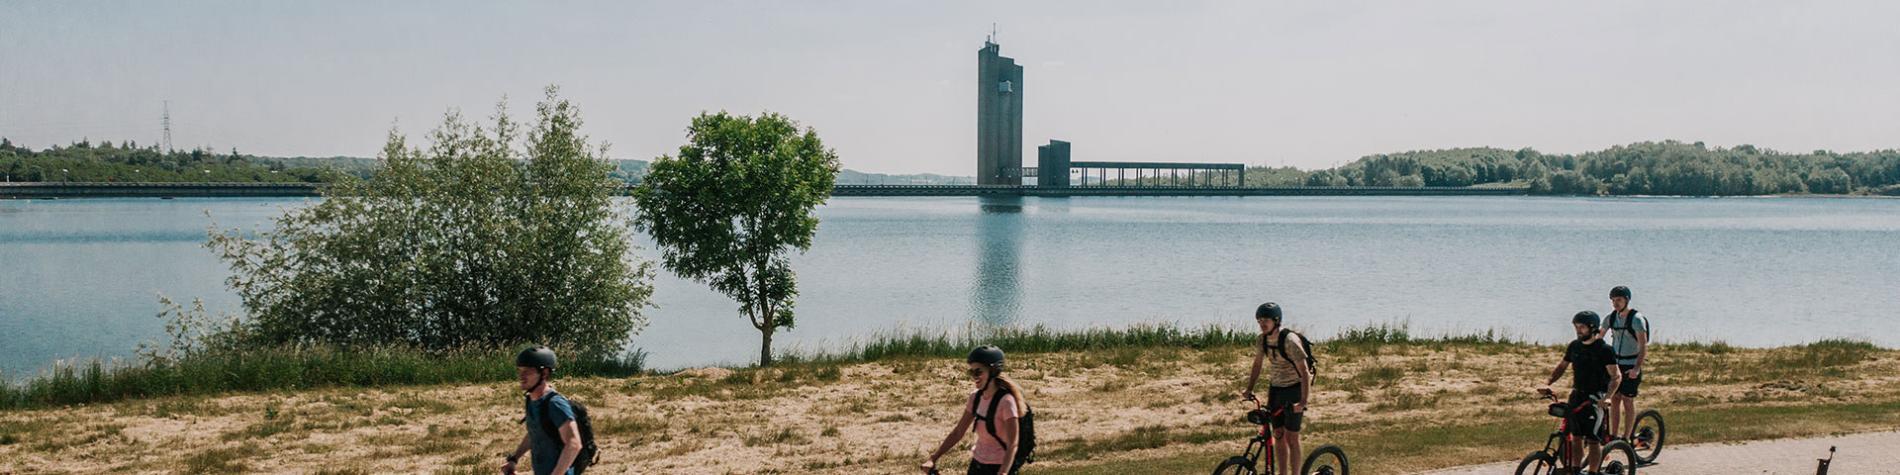 Natura Parc - Parc accrobranche - Lacs de l'Eau d'Heure